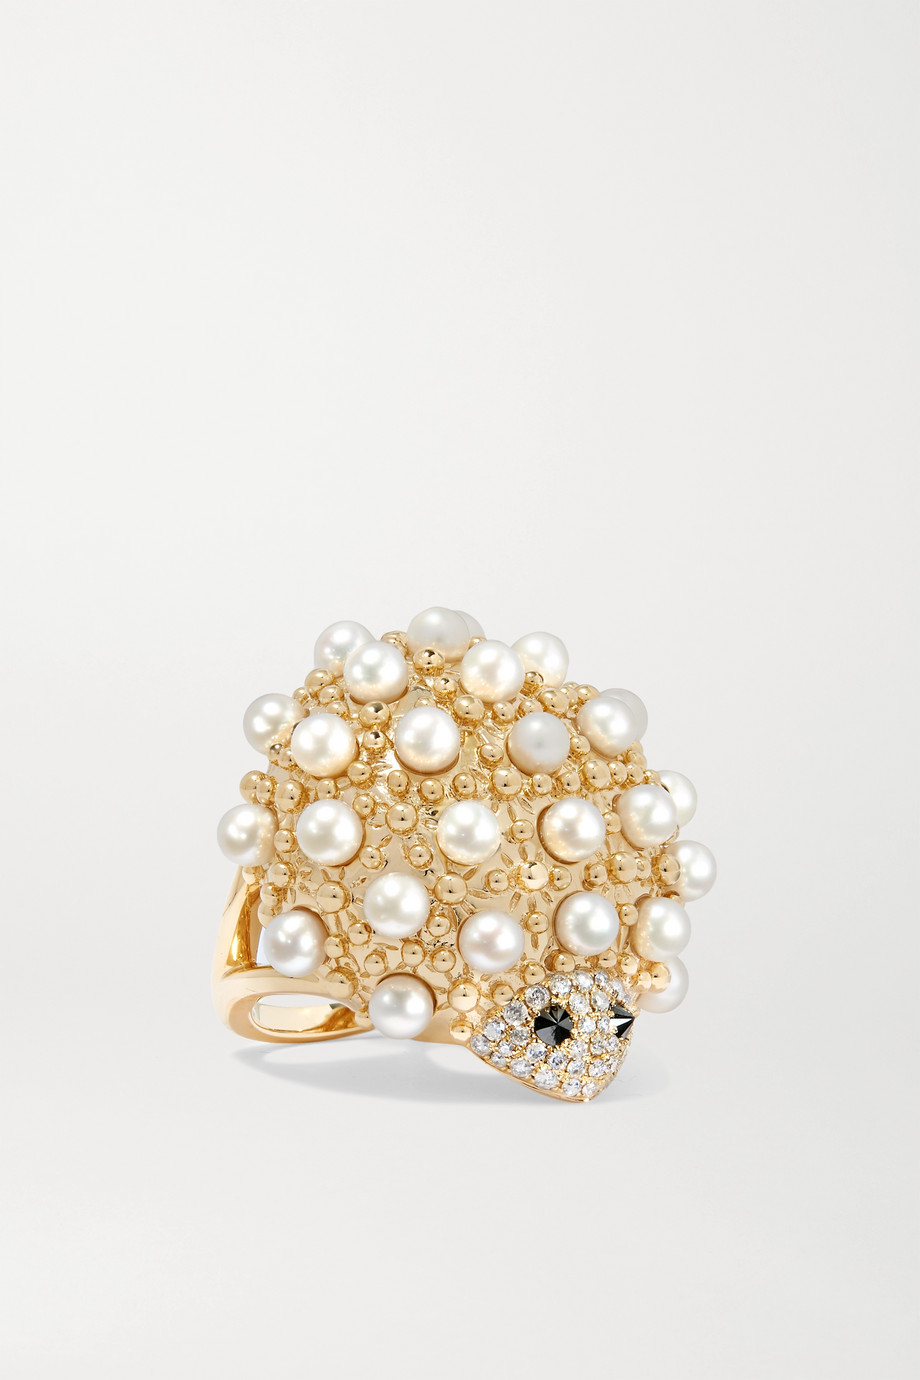 Yvonne Léon Ring aus 18Karat Gold mit Perlen und Diamanten